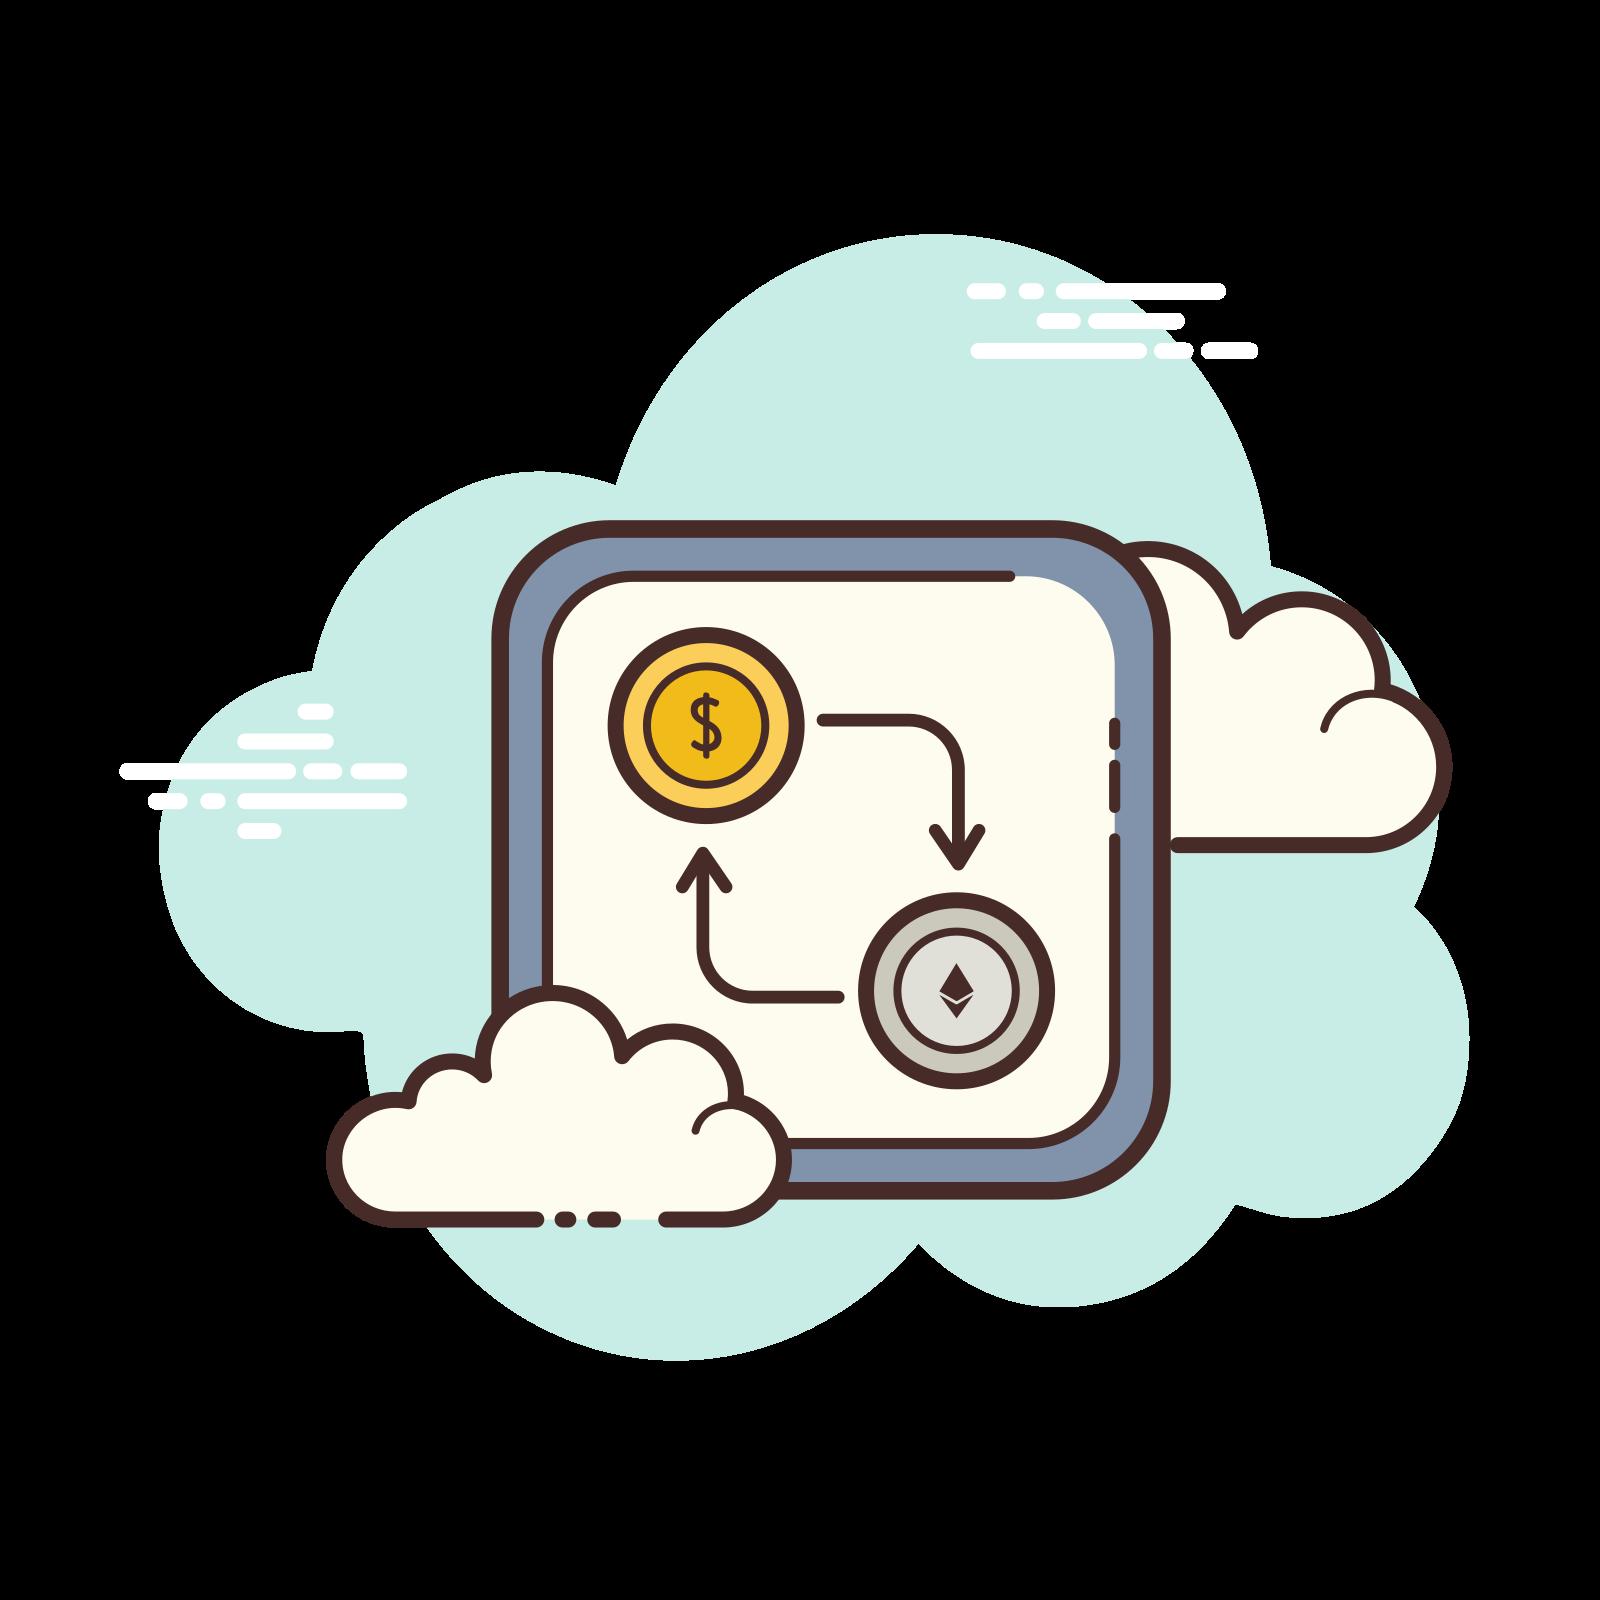 Ethereum Exchange  icon